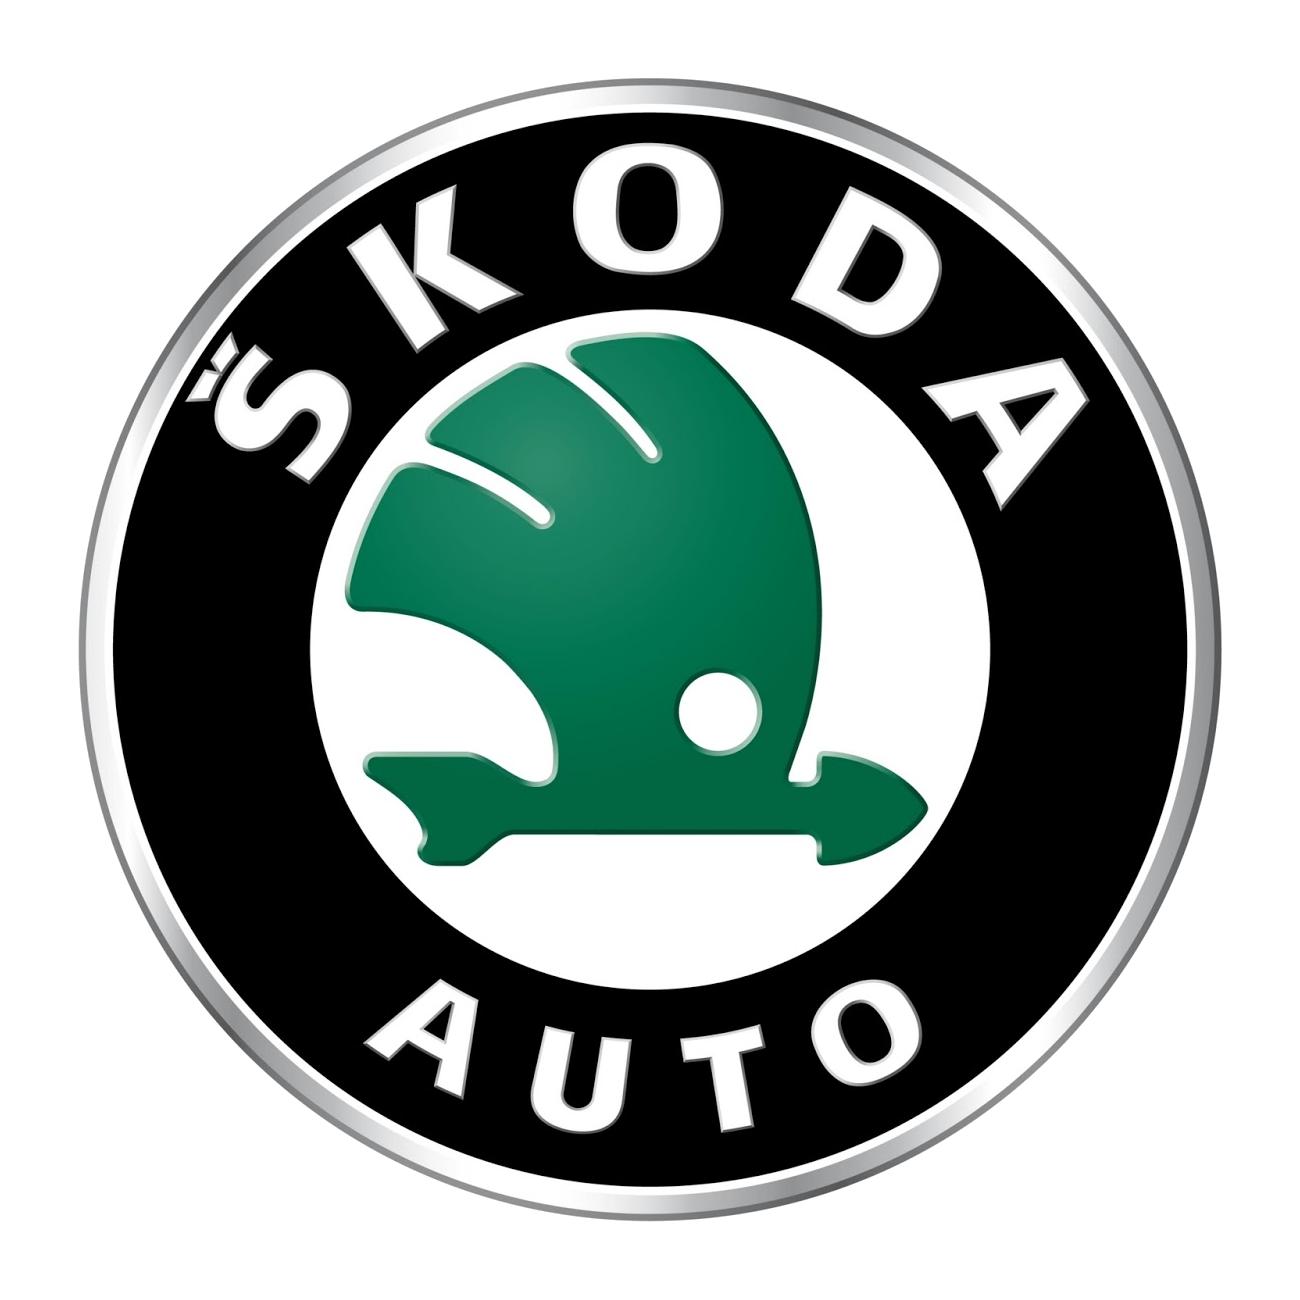 Skoda Car Logo PNG Image